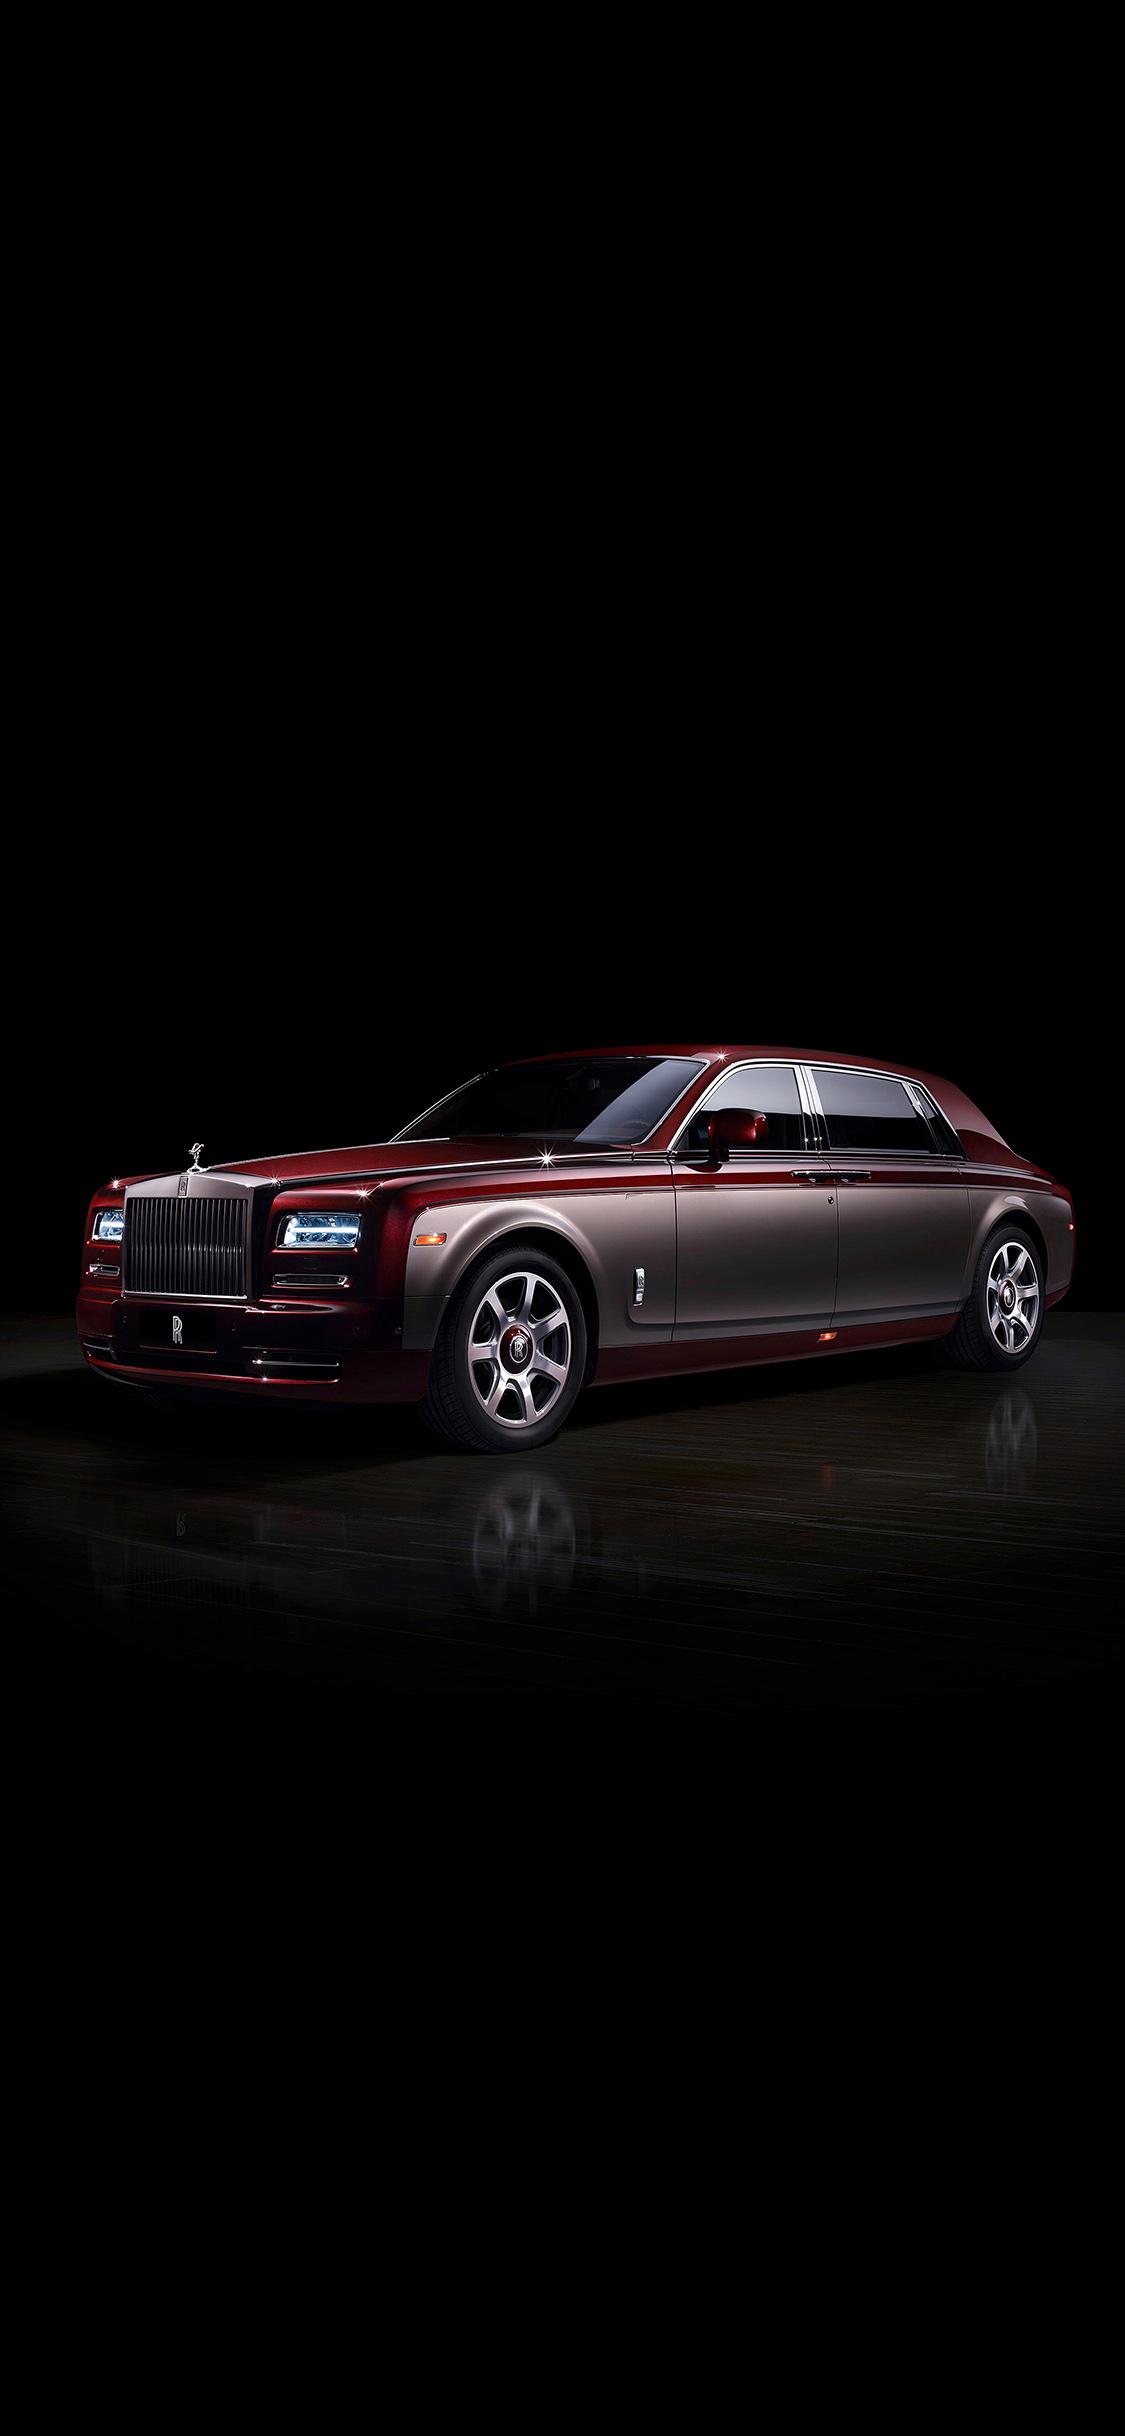 Aj85 Rolls Royce Pinnacle Phantom Dark Car Papers Co